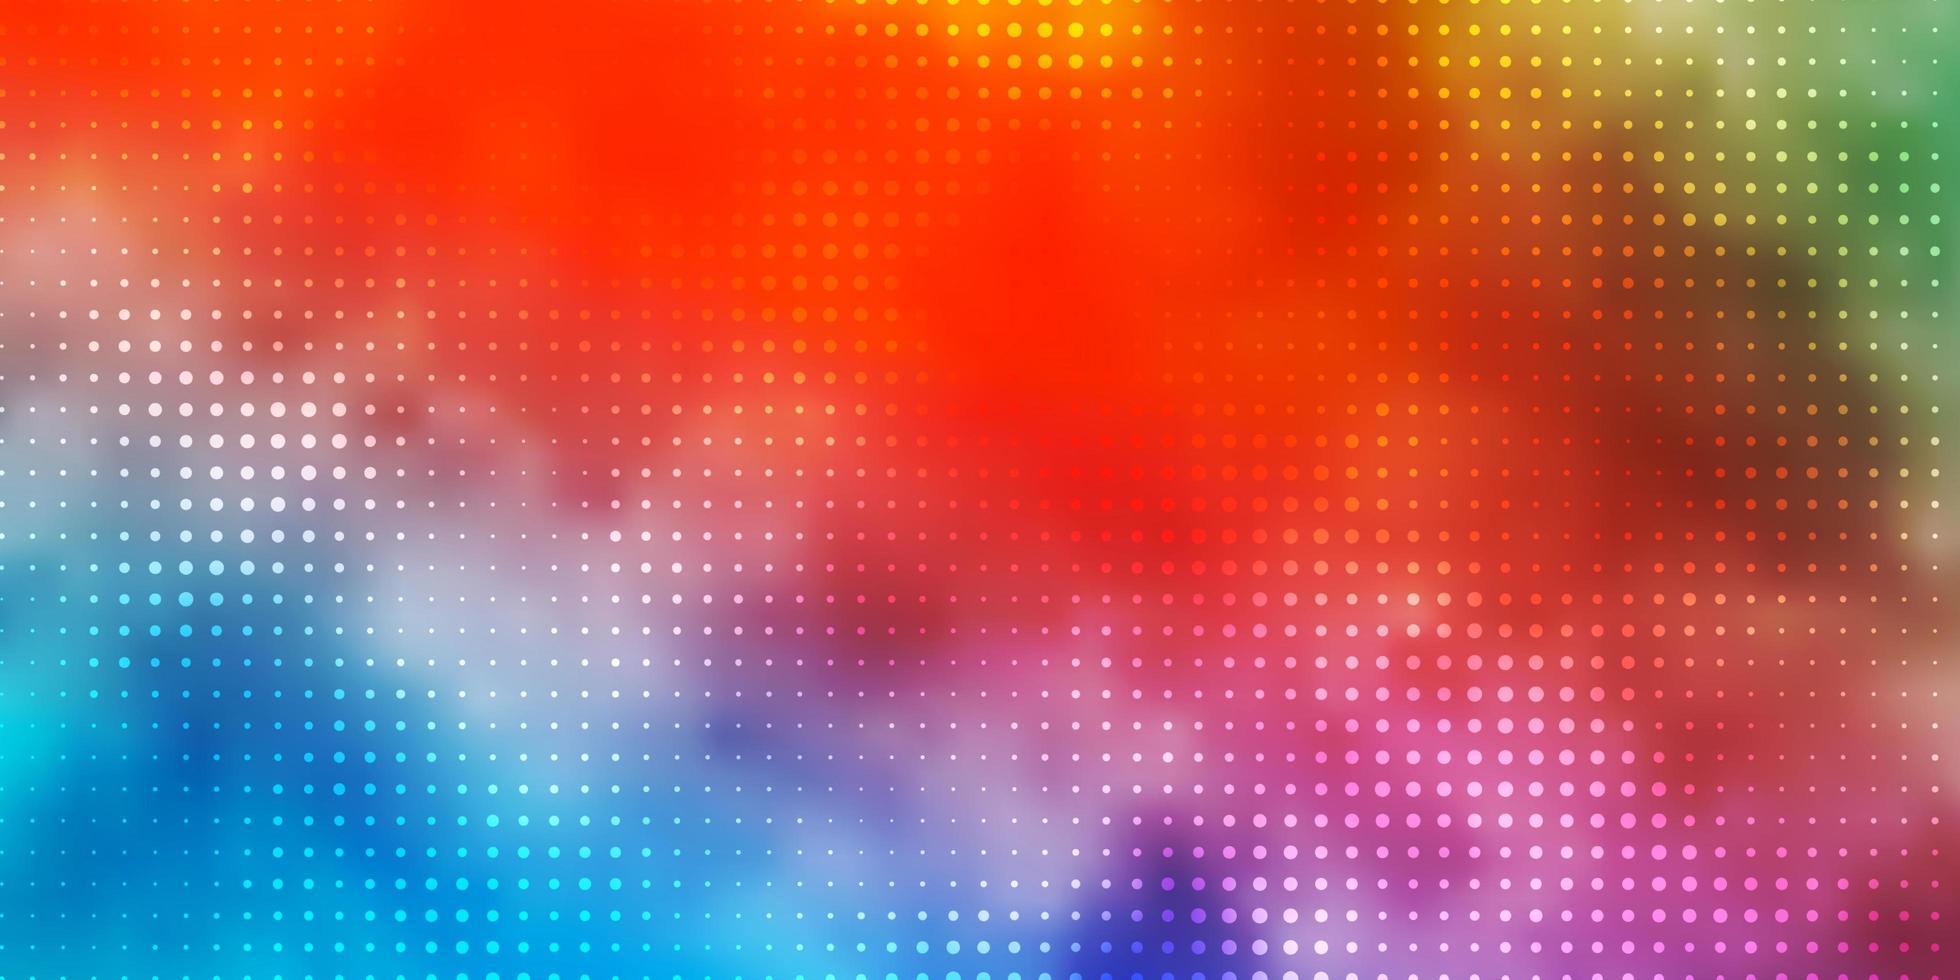 ljusblått, rött mönster med sfärer. vektor